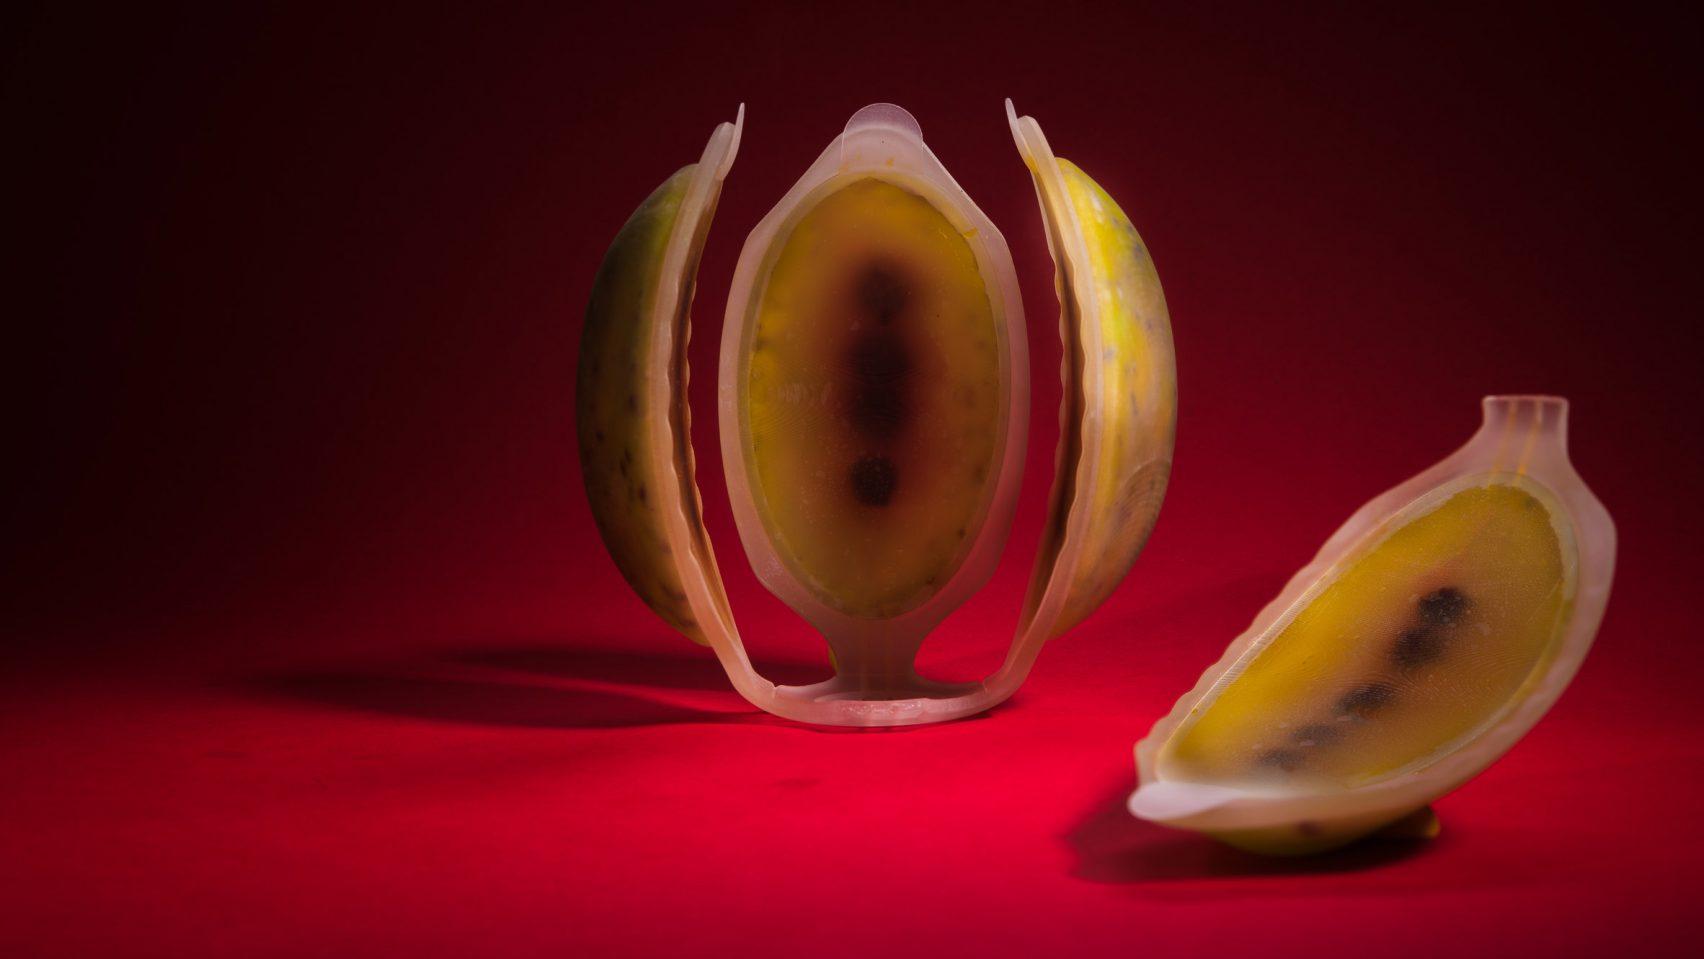 Израильский дизайнер создал искусственные фрукты, богатые питательными веществами